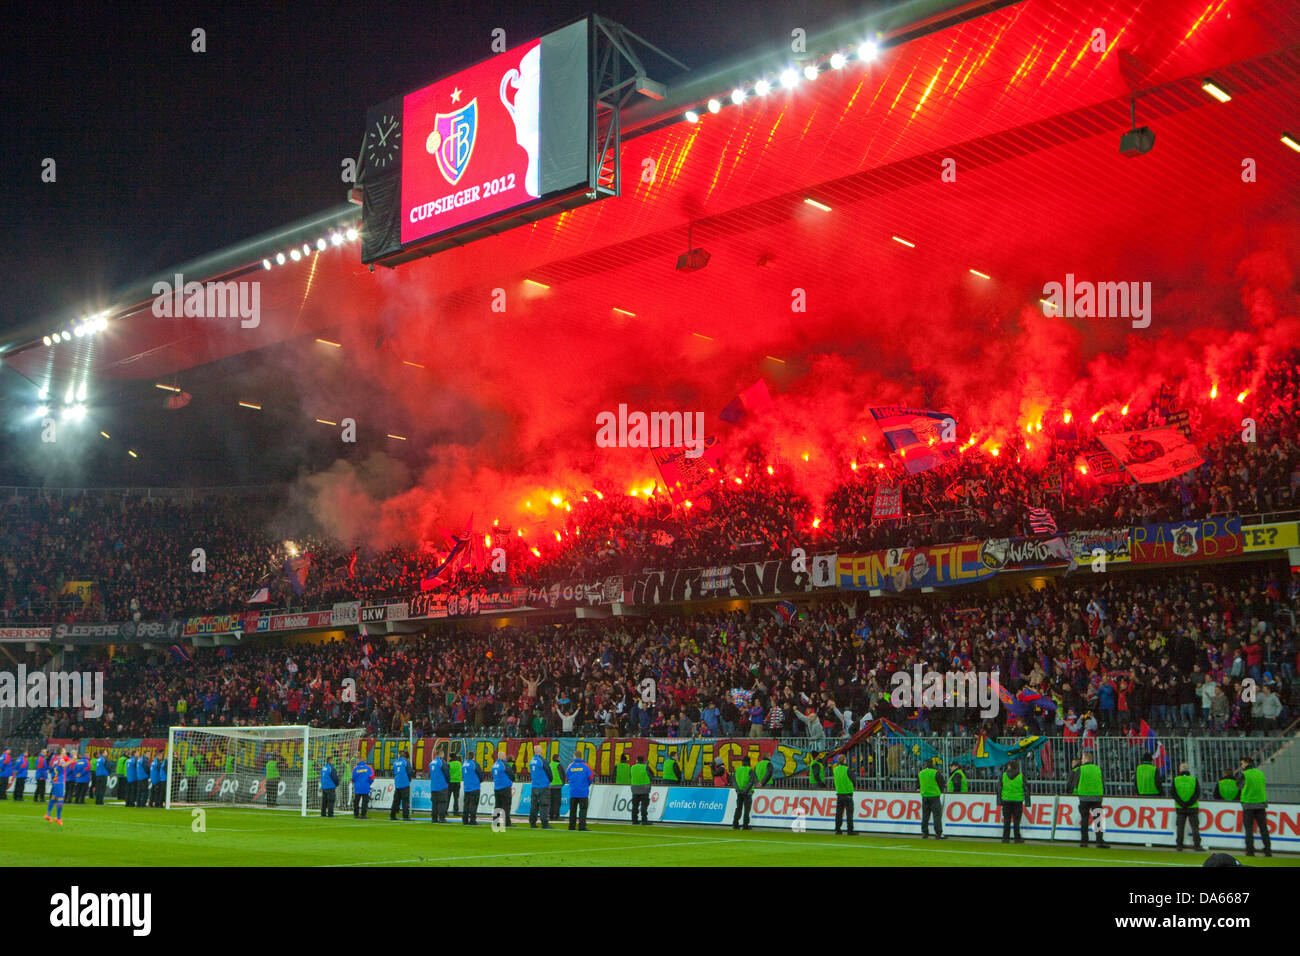 Fuochi d'artificio, Stade de Suisse, stadio Cup-finale, Canton Berna, disposizione, football, calcio, spettatore, Immagini Stock